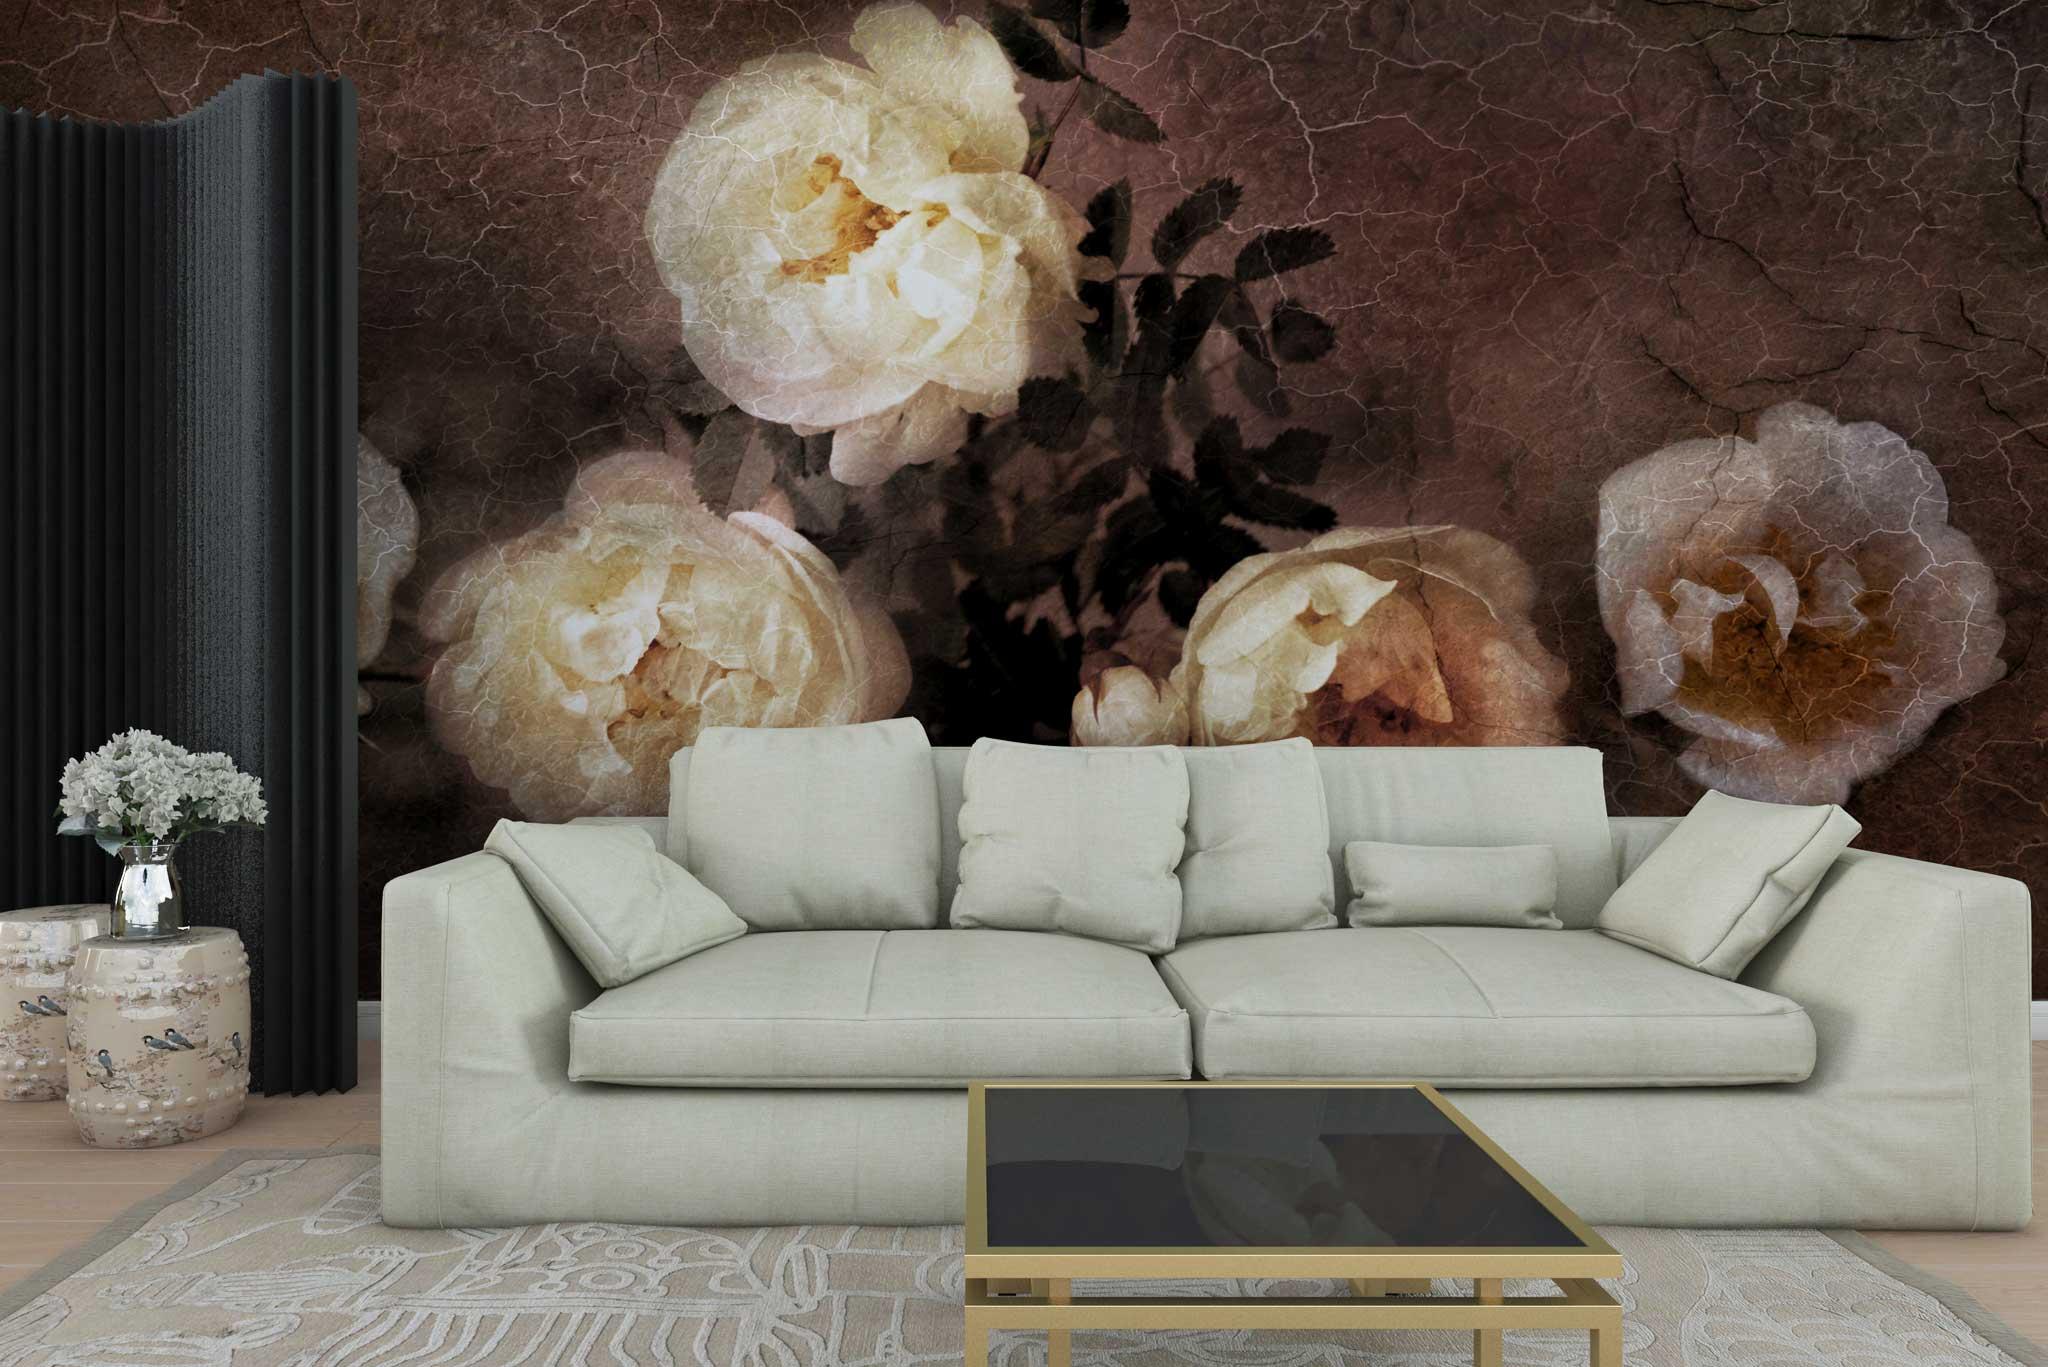 tapet-fototapet-personalizat-comanda-bucuresti-model-floral-pictura-clasica-trandafiri-albi-perete-lux-special